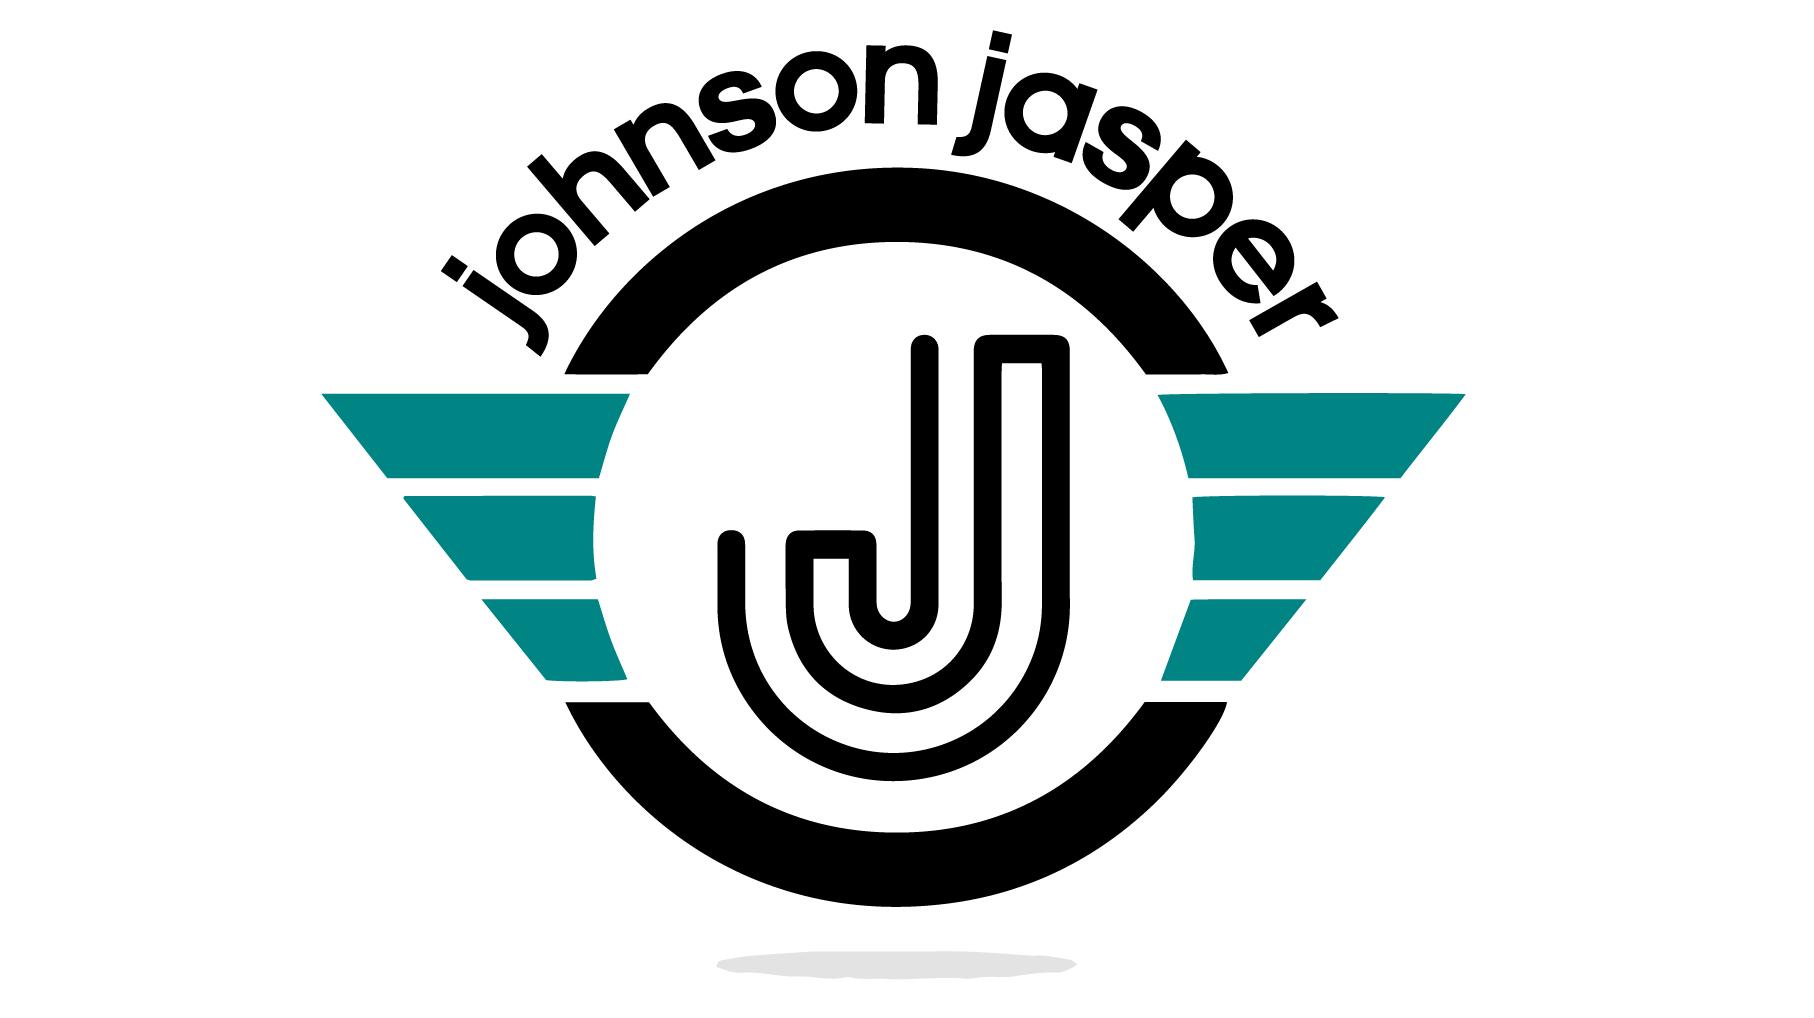 Johnson Jasper